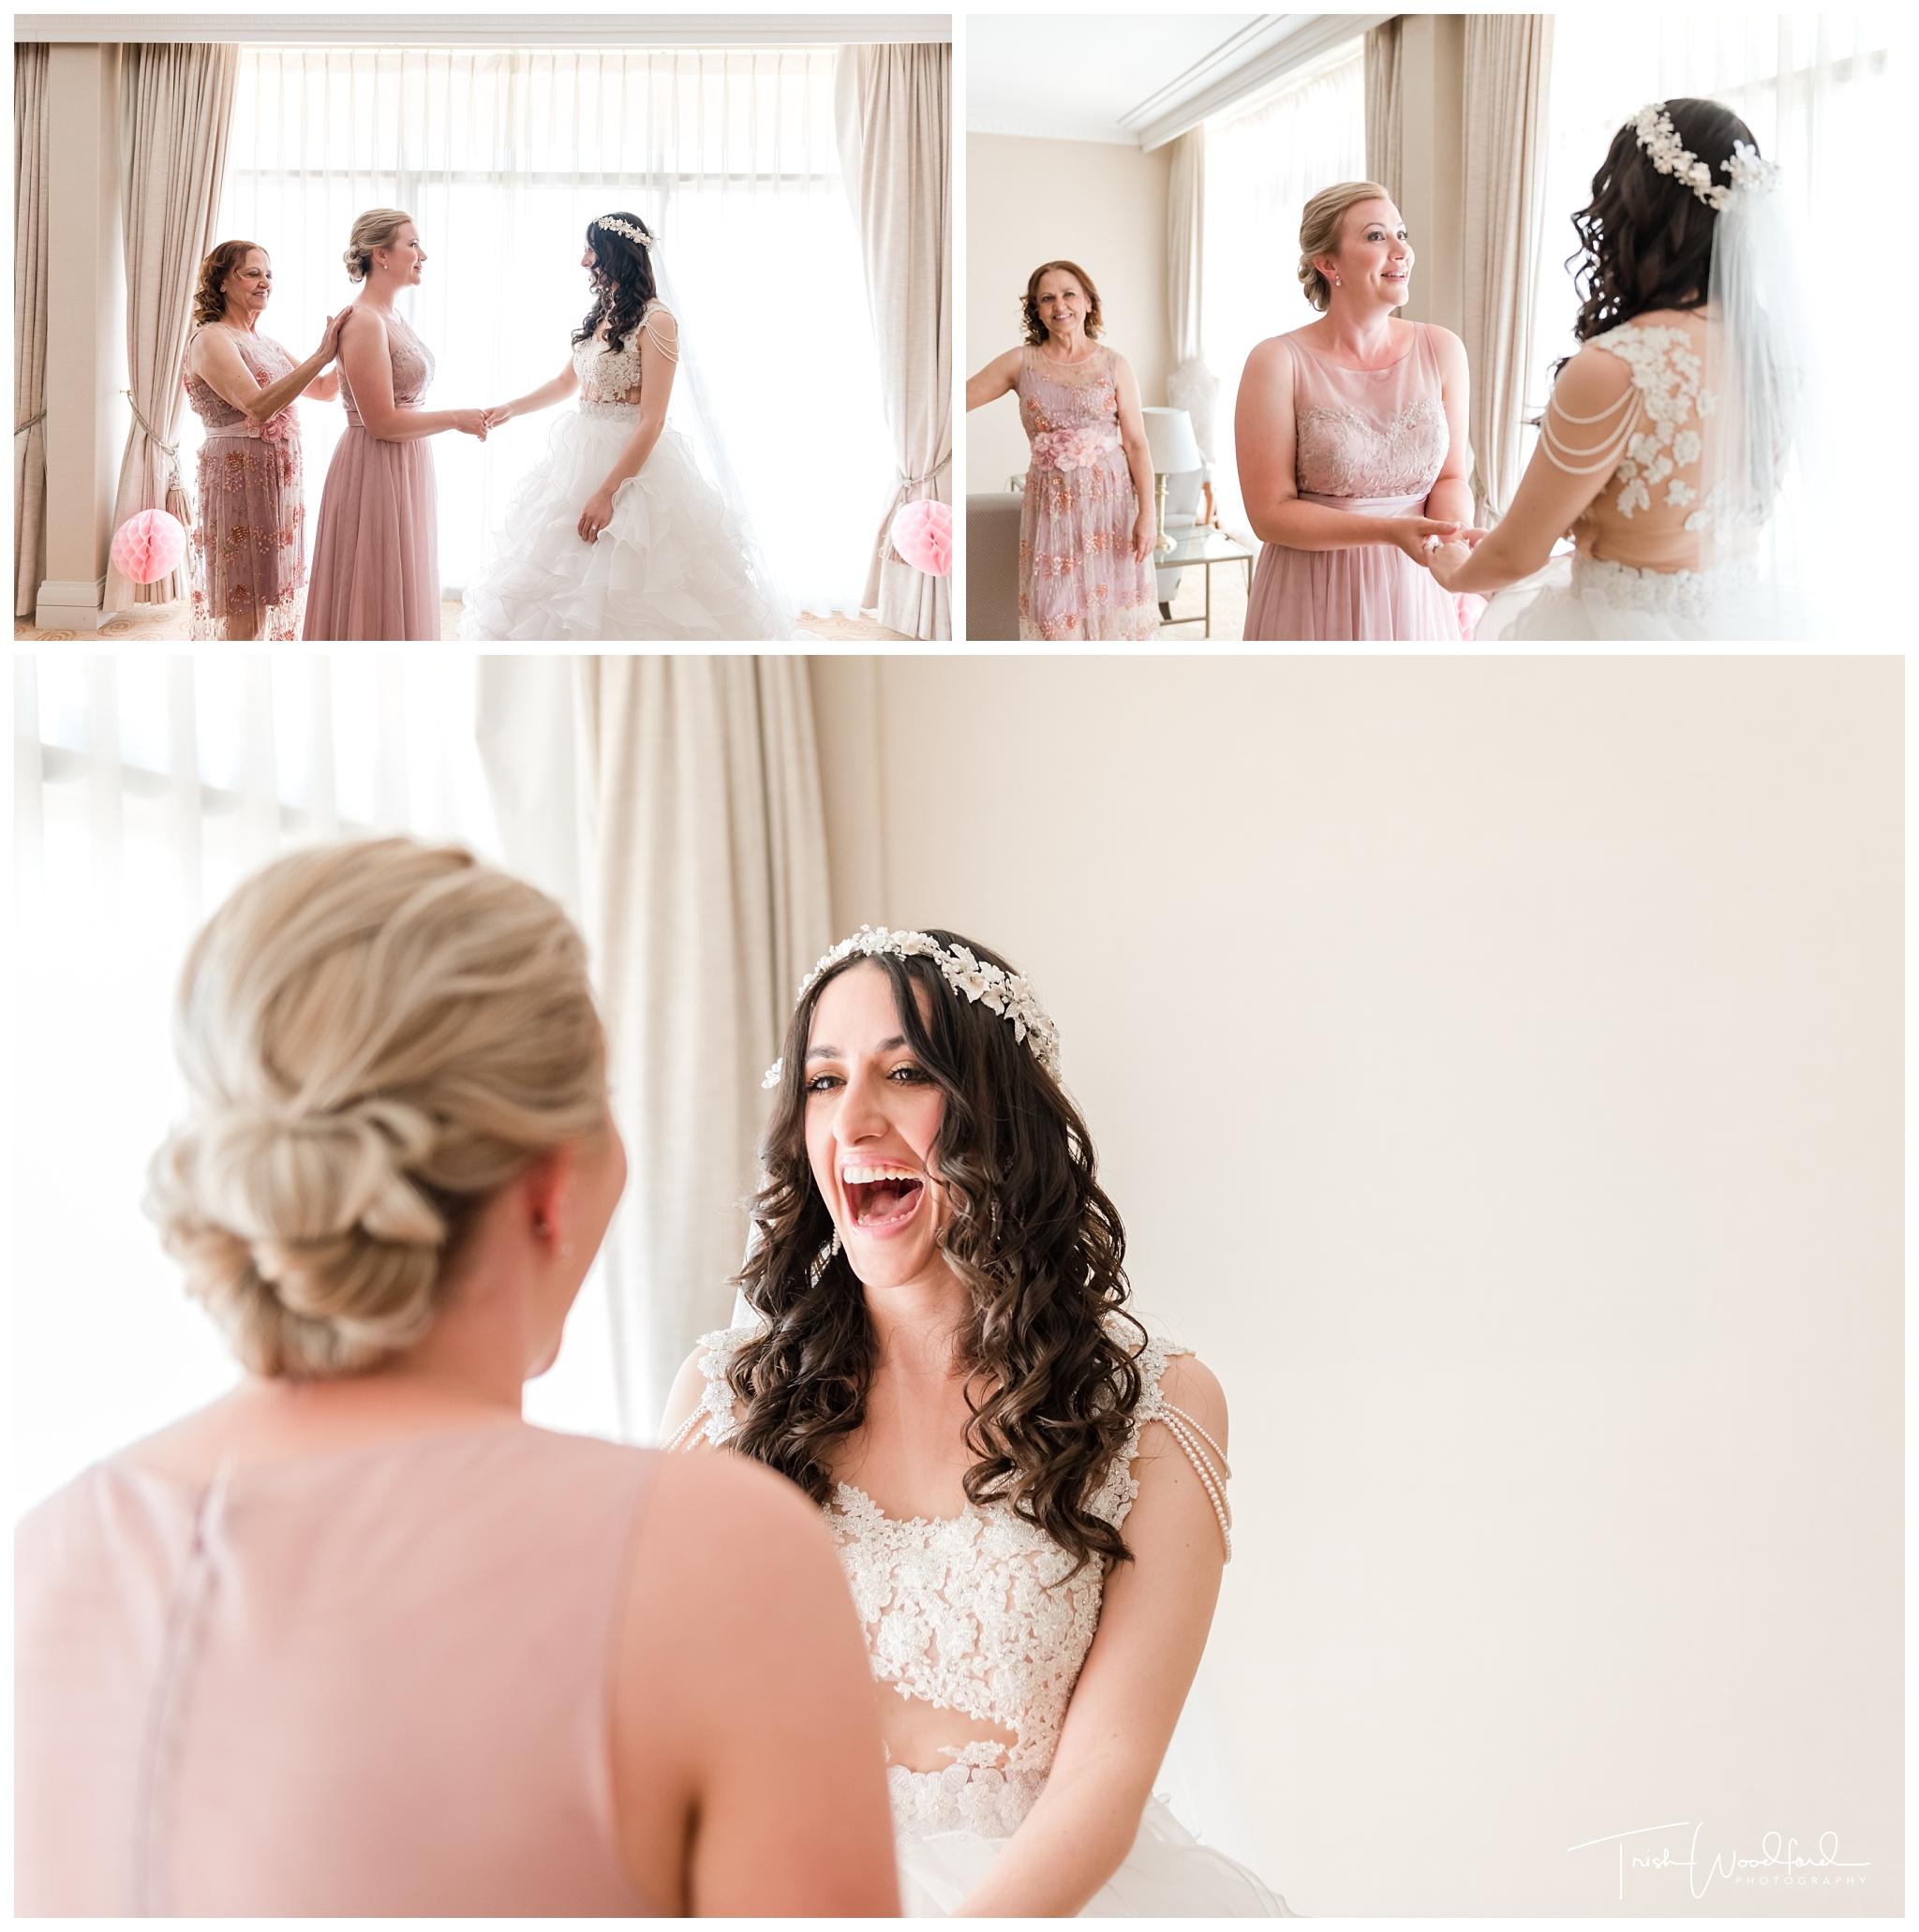 Perth Bride & Bridesmaids